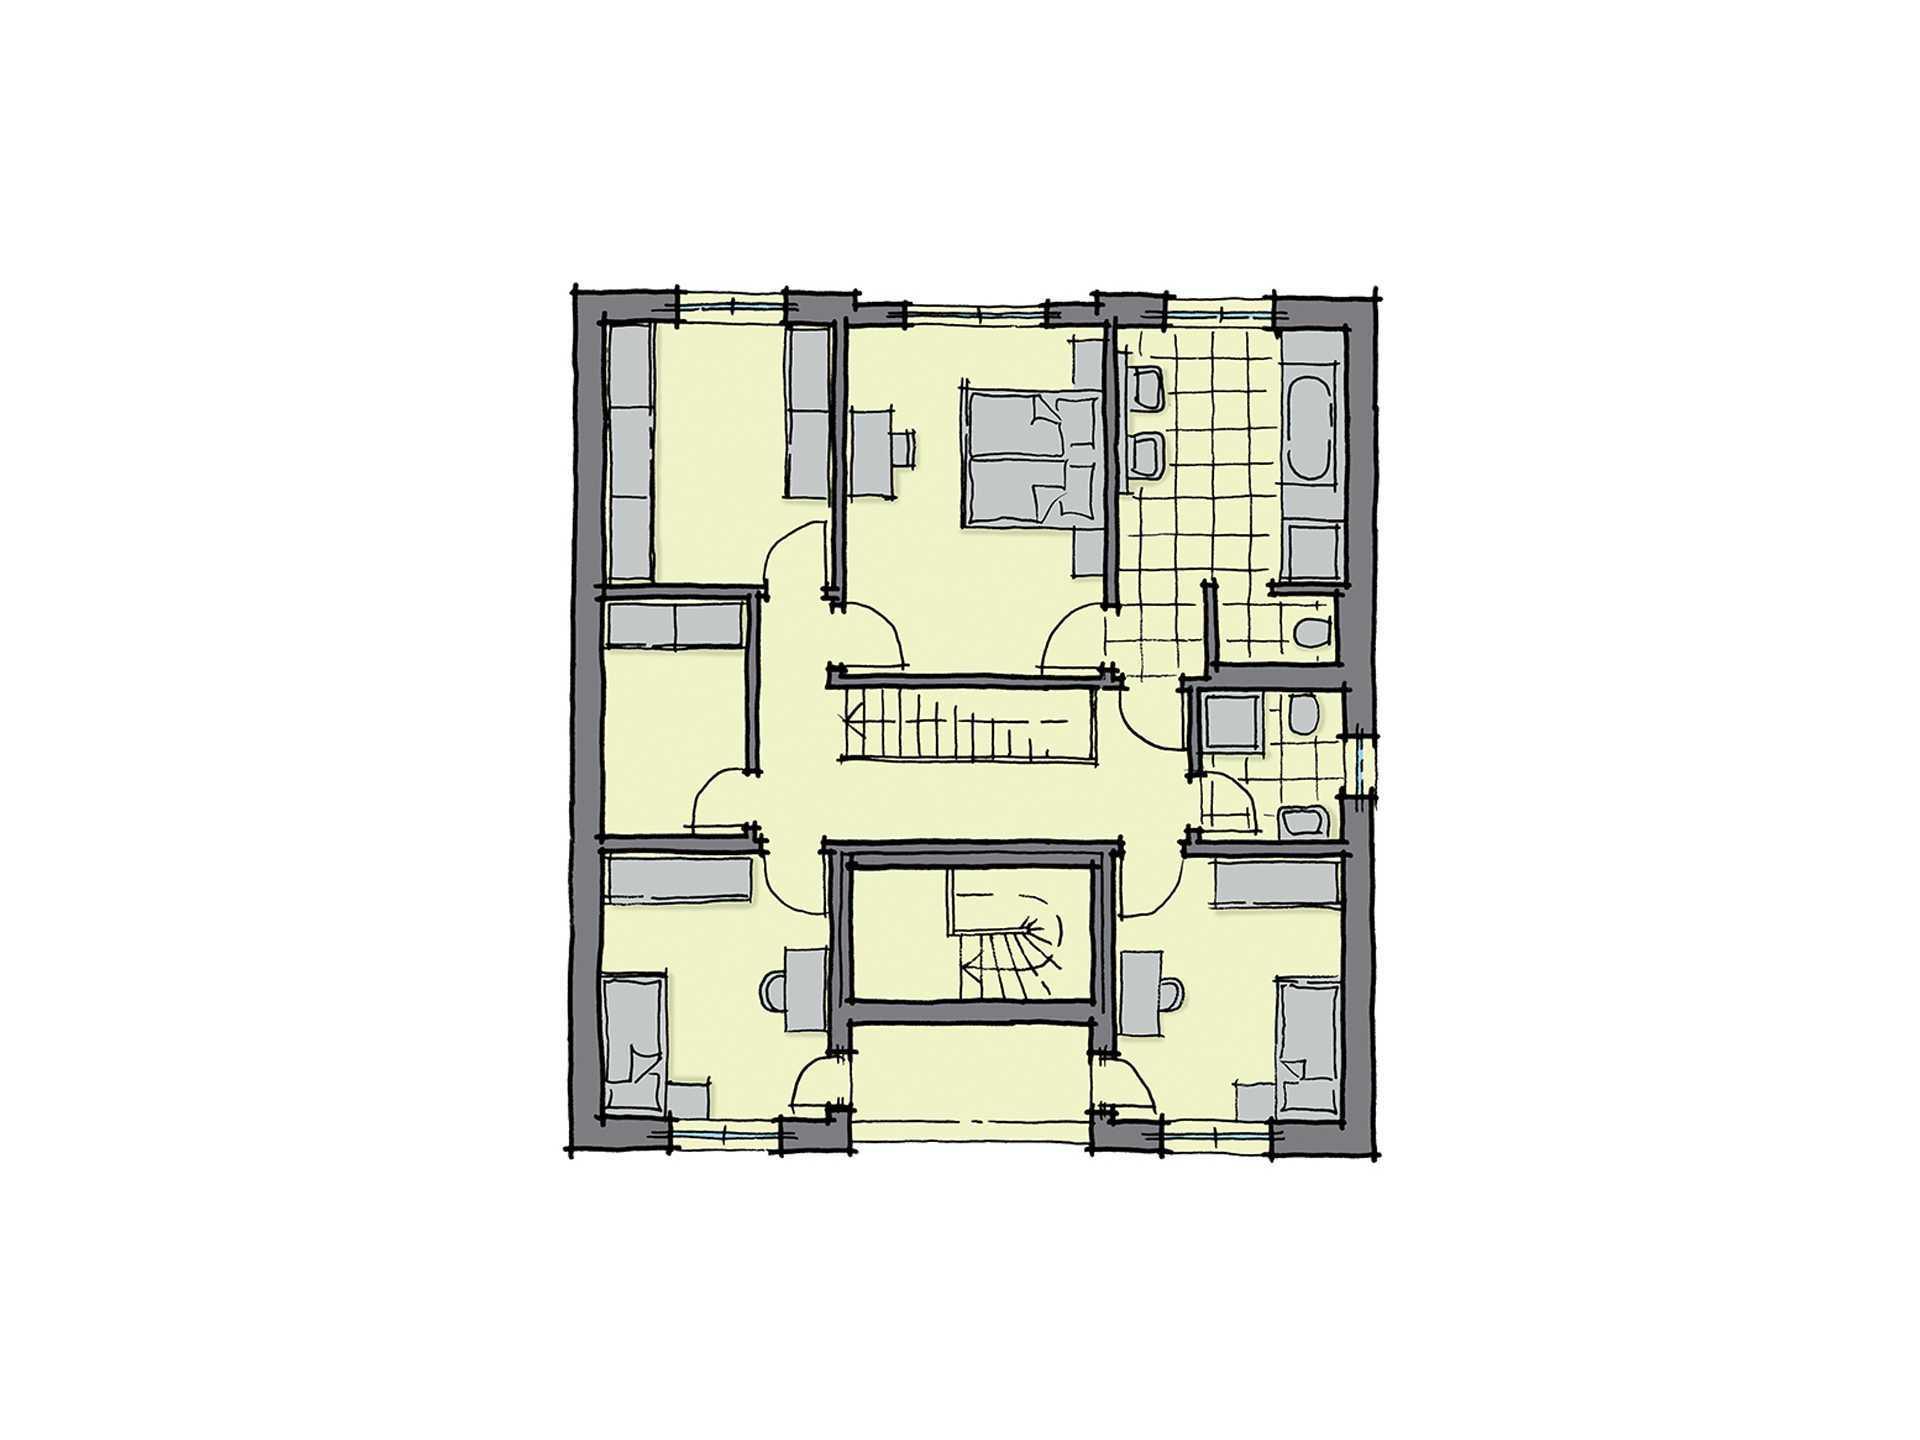 Haus Barcelona - Eine Nahaufnahme einer Uhr - Gebäudeplan